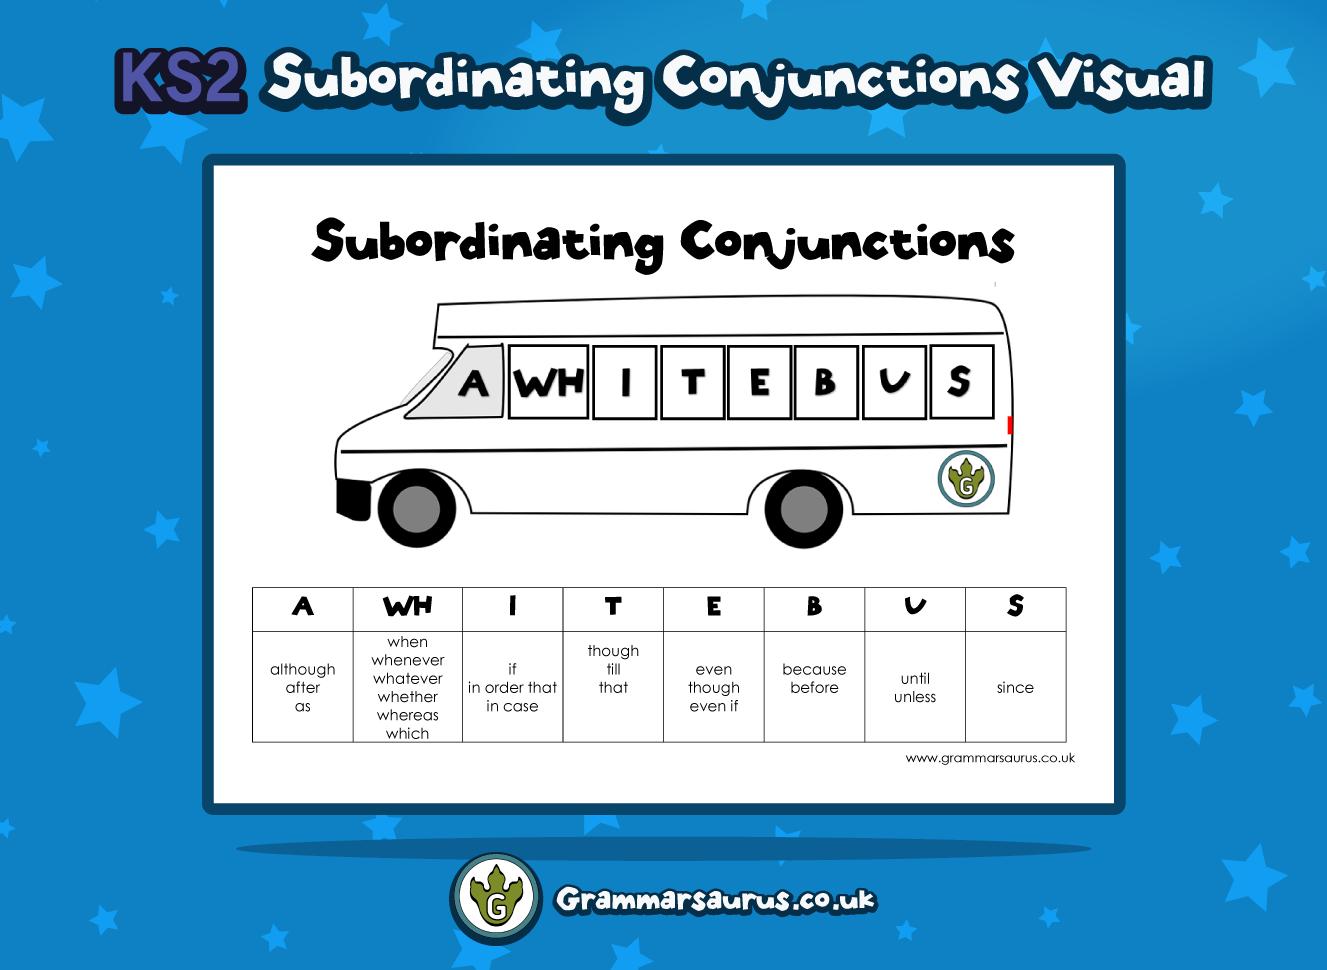 ks2 subordinating conjunctions visual grammarsaurus